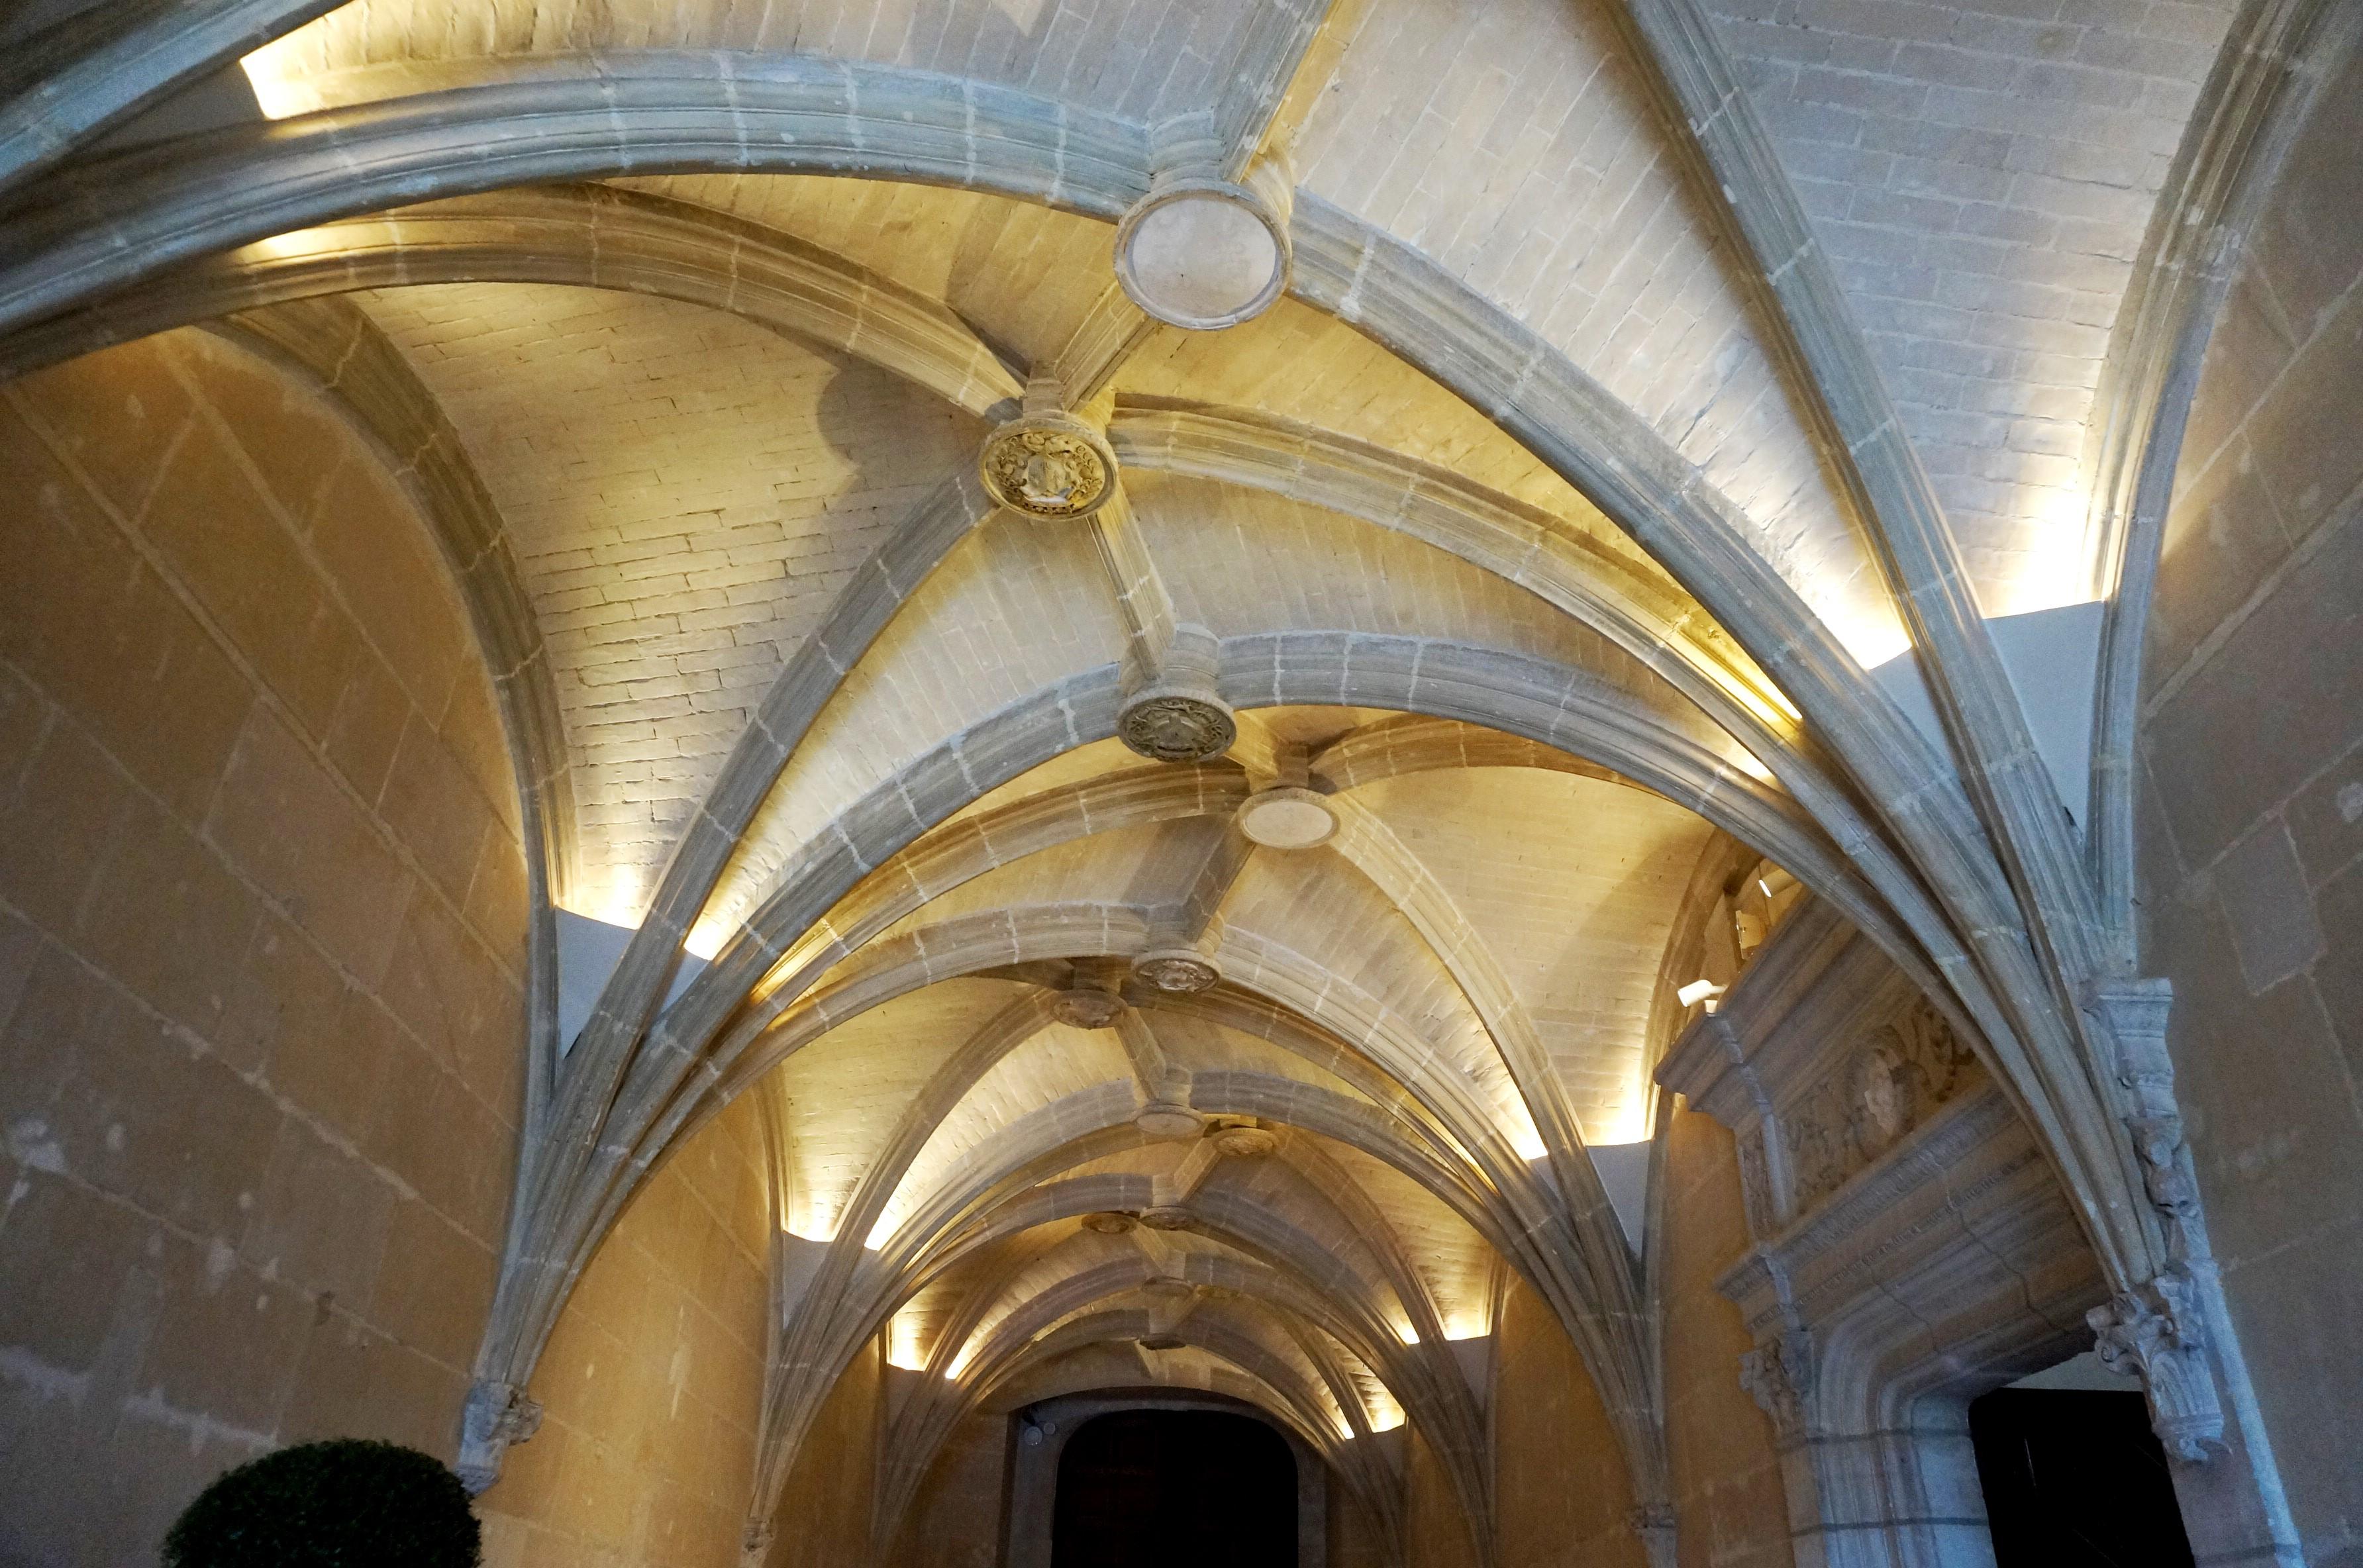 Ch teau de chenonceau jolis circuits for Chateau chenonceau interieur